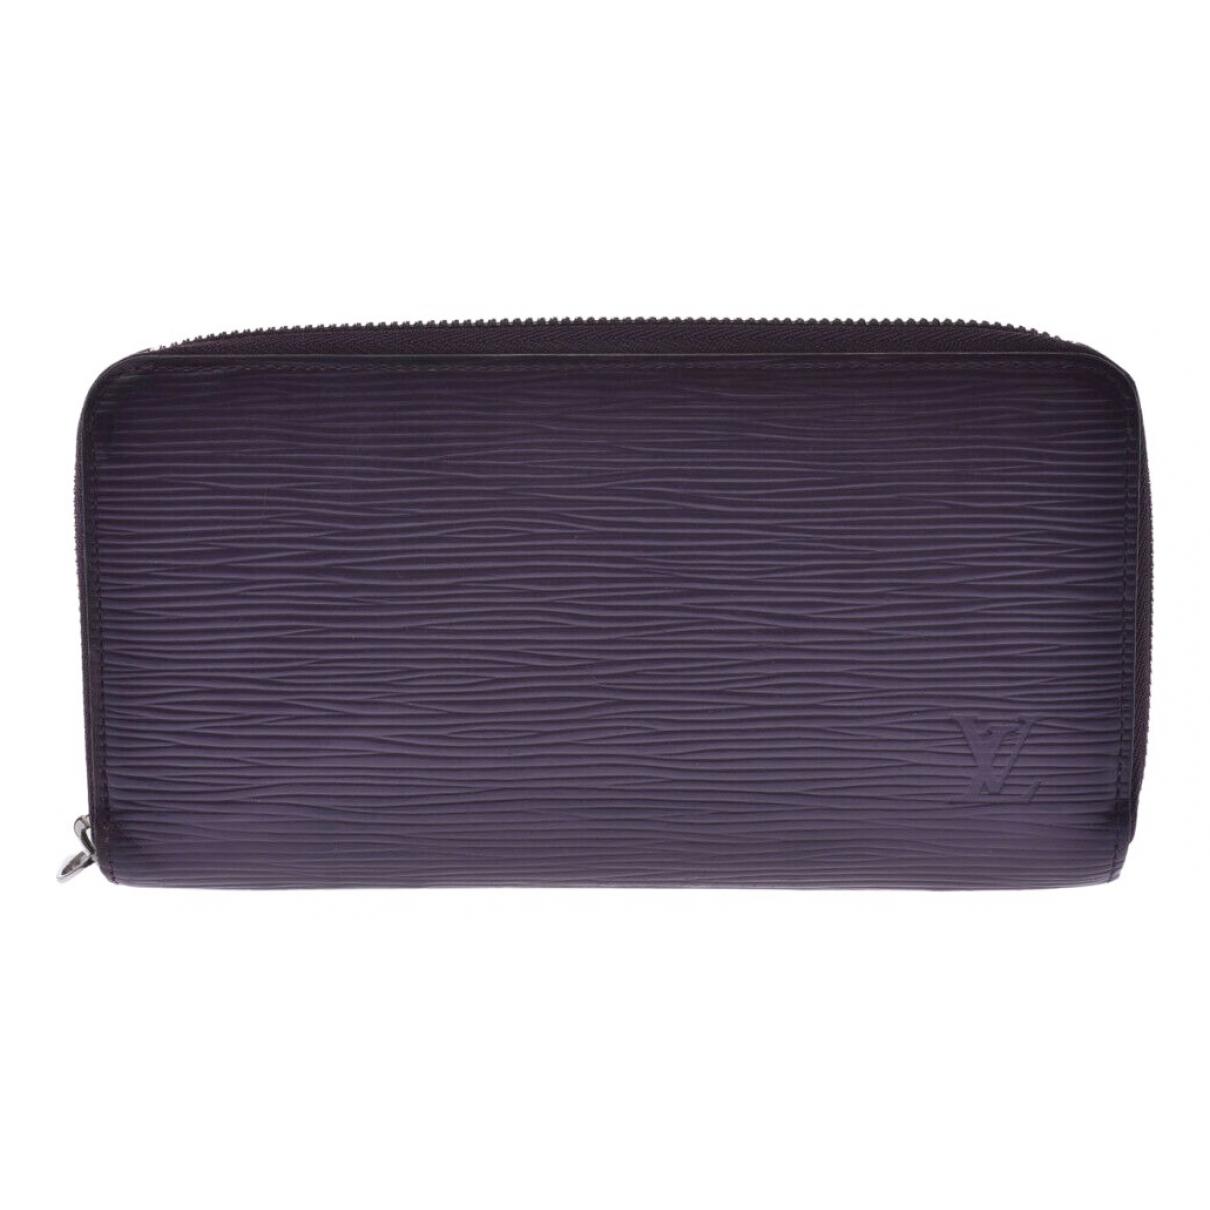 Louis Vuitton Zippy Portemonnaie in  Lila Leder